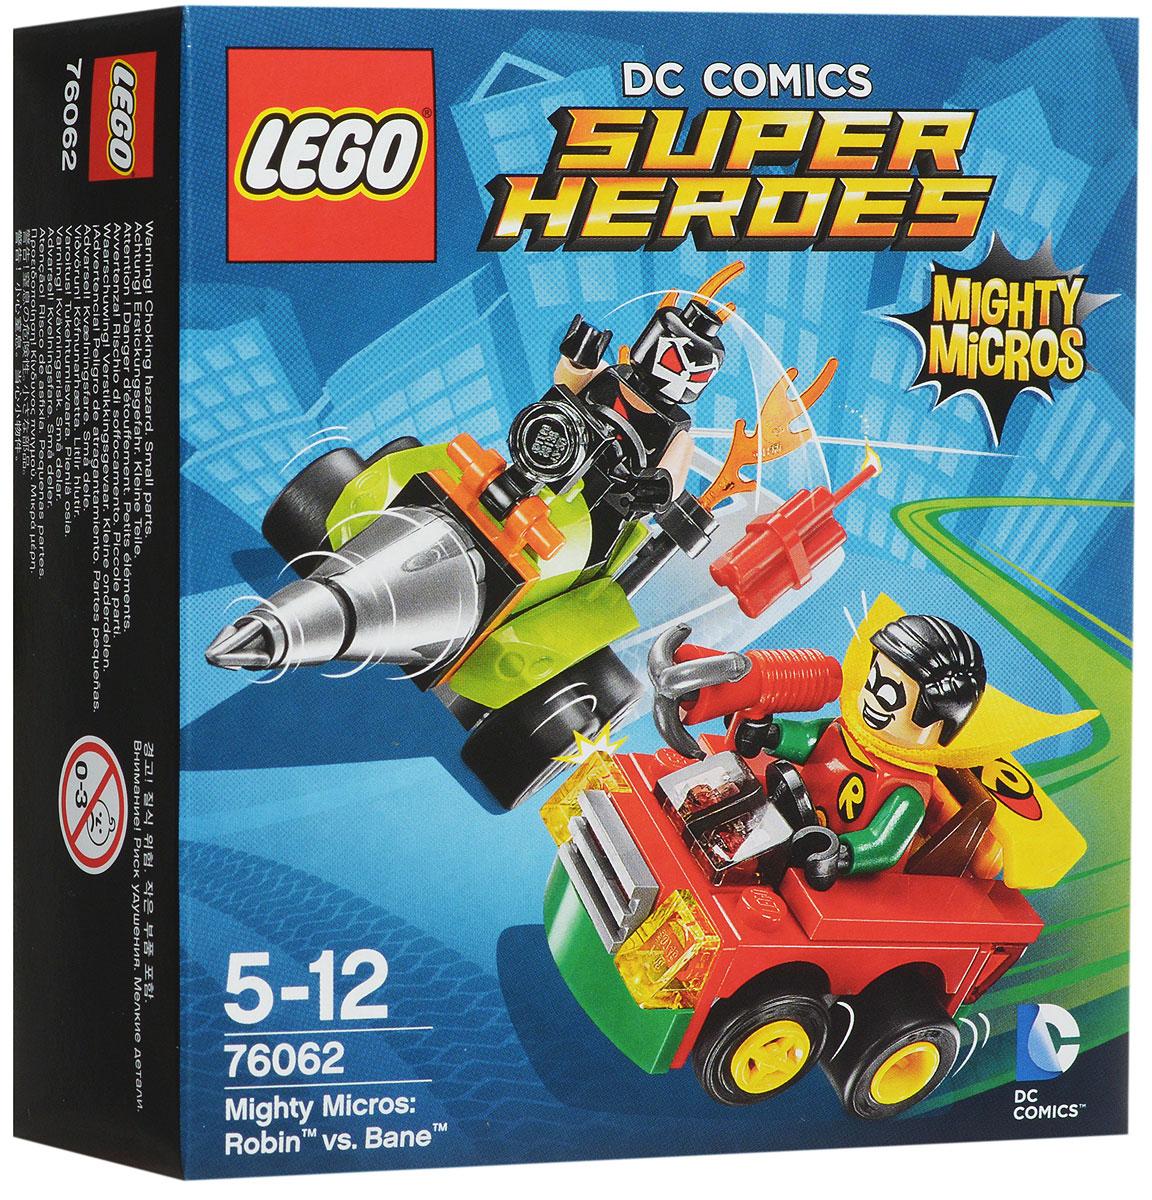 LEGO Super Heroes Конструктор Робин против Бэйна 7606276062Бэйн пробурил дыру в земле и швыряет динамит в машину Робина. Подъезжайте на высокой скорости прямиком к буровой установке Бэйна и направляйте ружье Робина на злодея! Набор включает в себя 77 разноцветных пластиковых элементов. Конструктор станет замечательным сюрпризом вашему ребенку, который будет способствовать развитию мелкой моторики рук, внимательности, усидчивости и мышления. Играя с конструктором, ребенок научится собирать детали по образцу, проводить время с пользой и удовольствием.